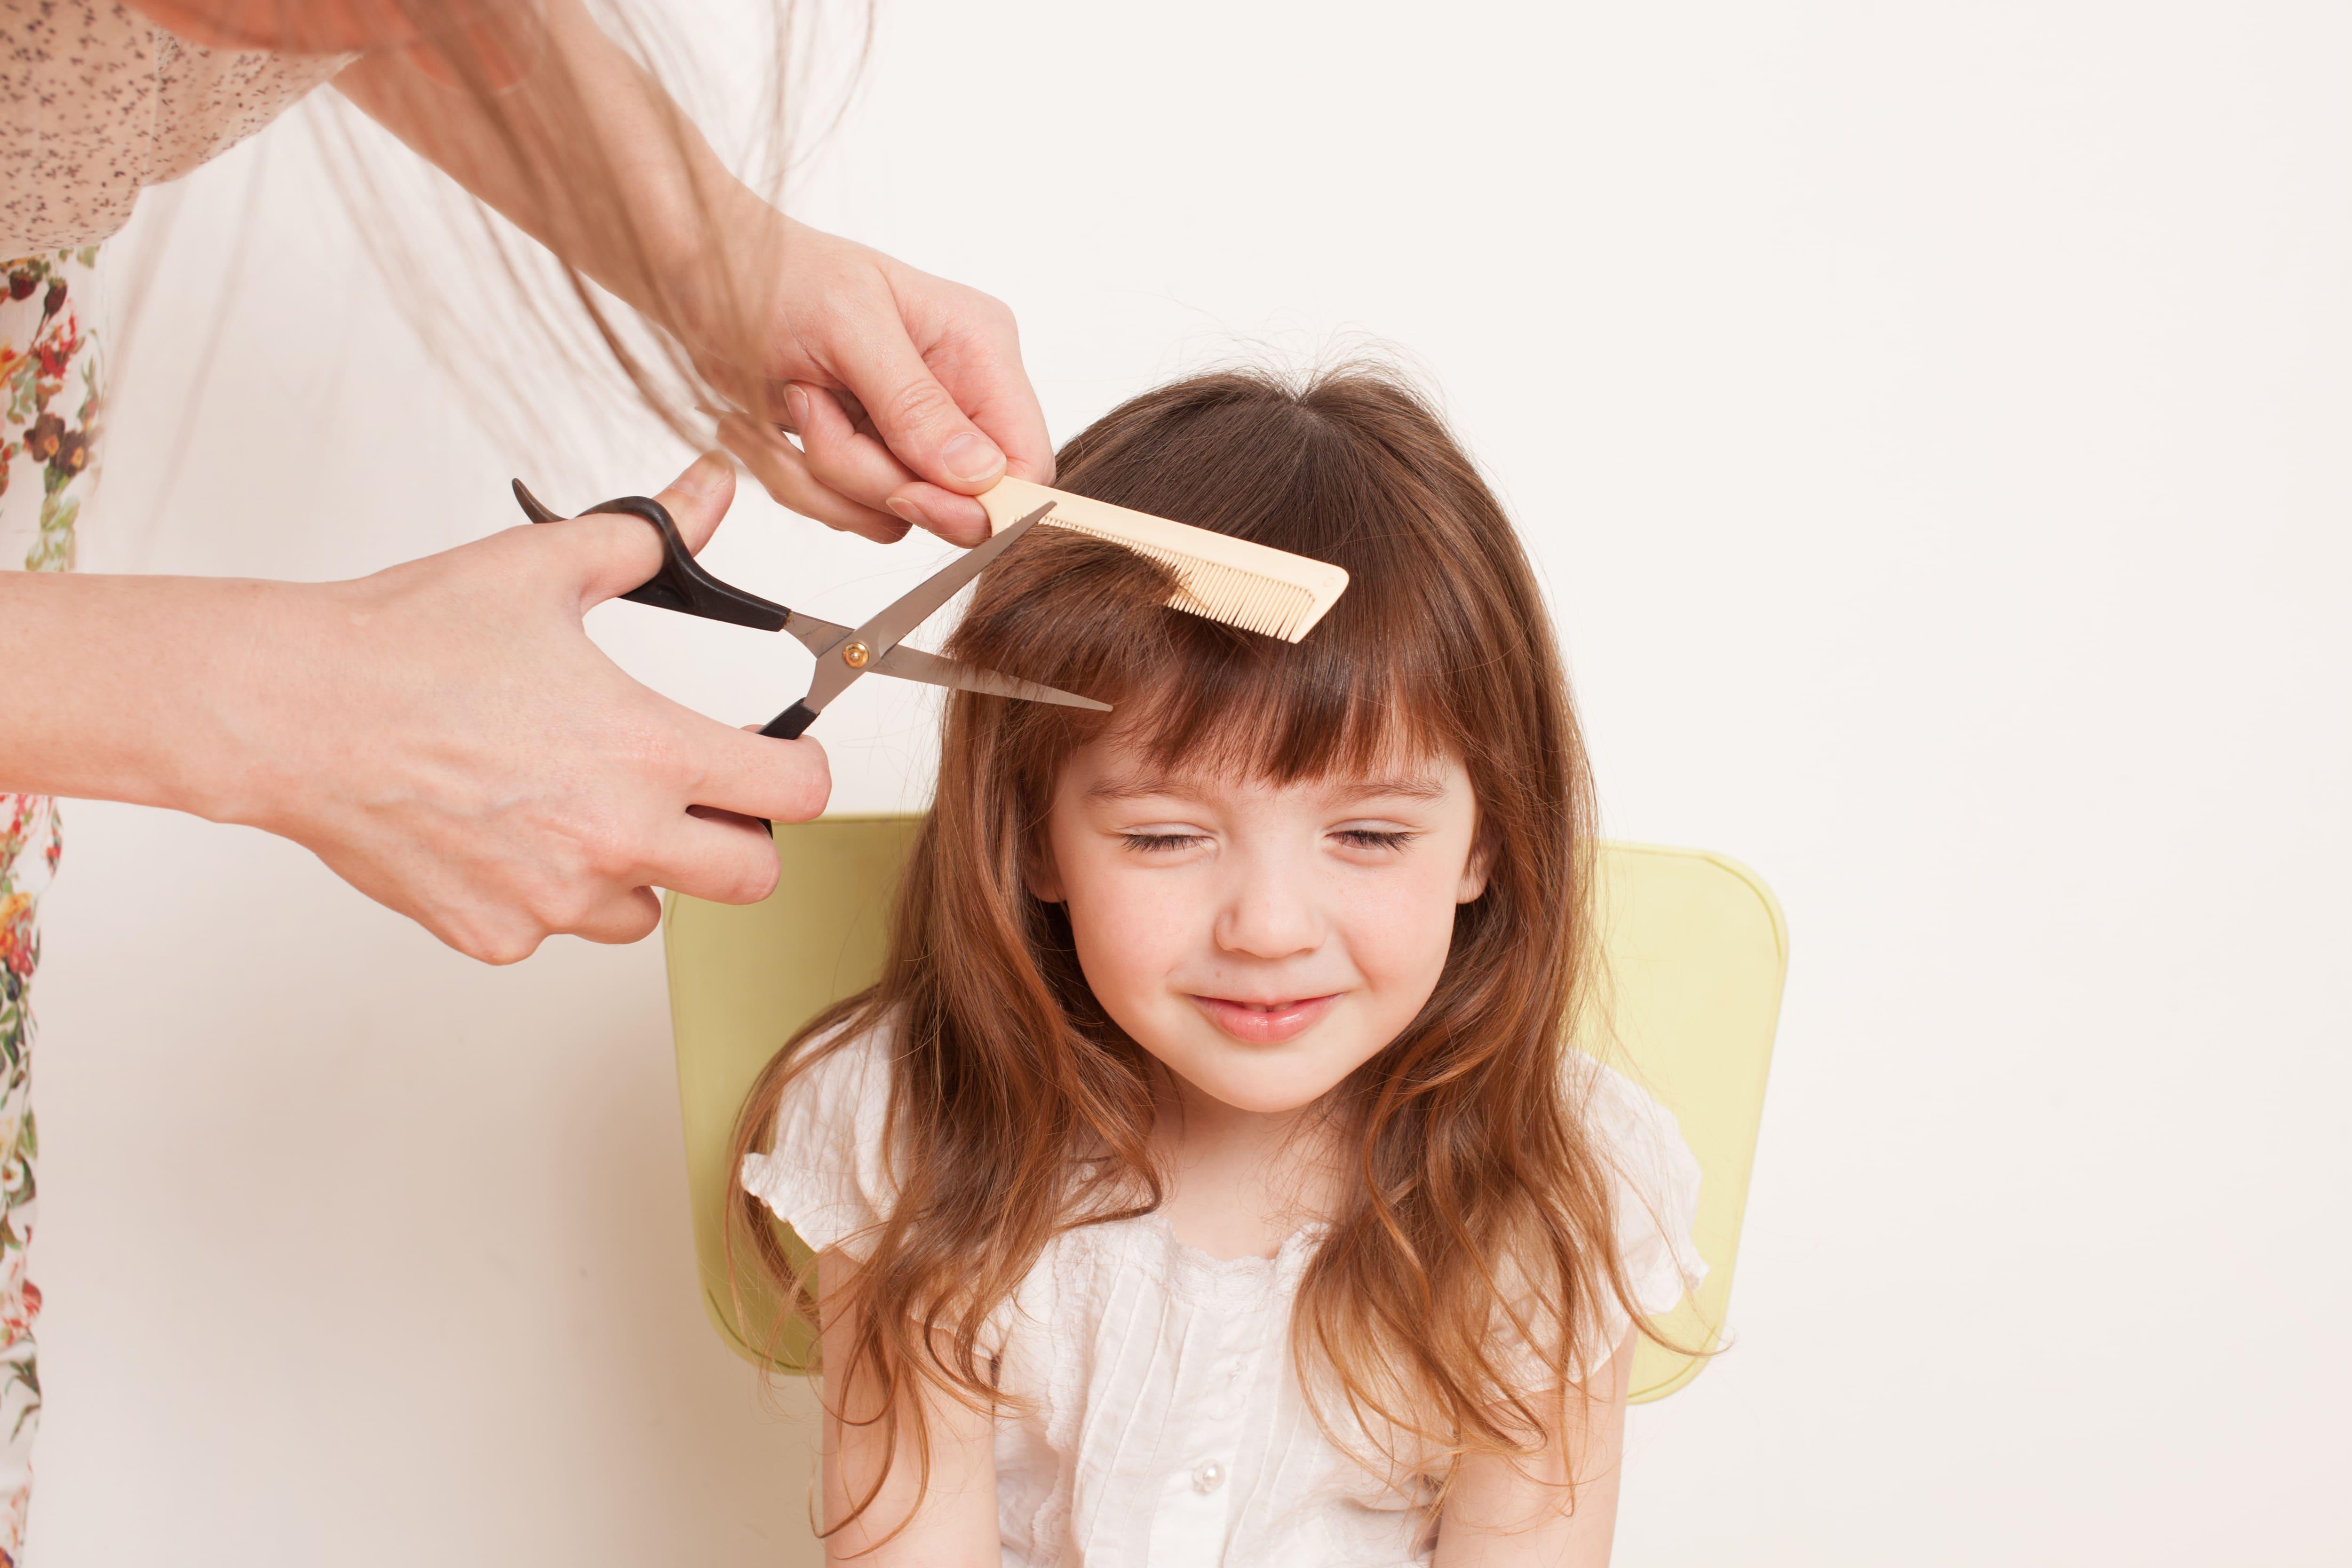 tagliare capelli bambina